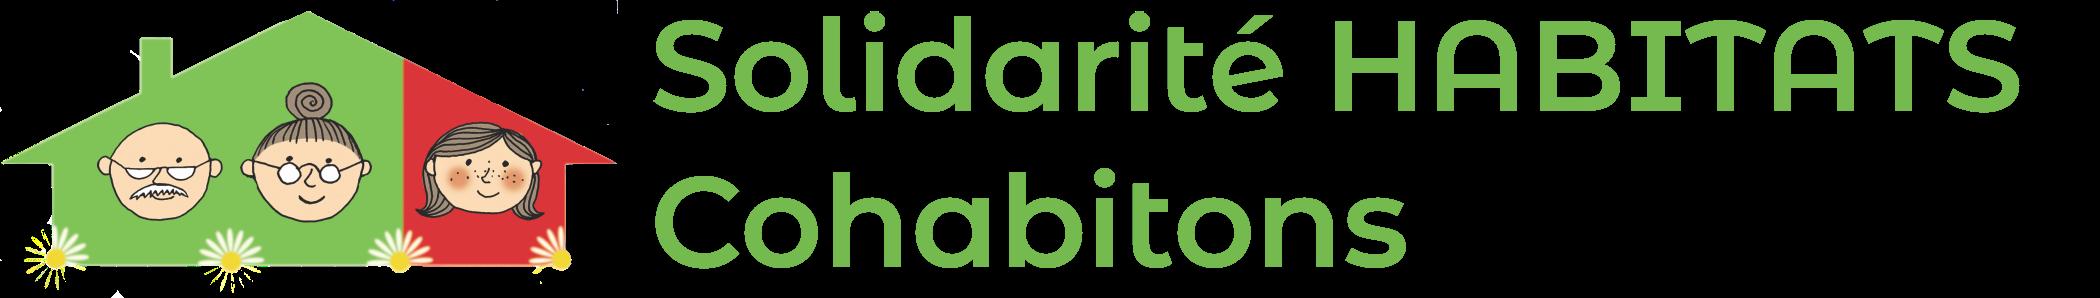 Solidarité Habitats